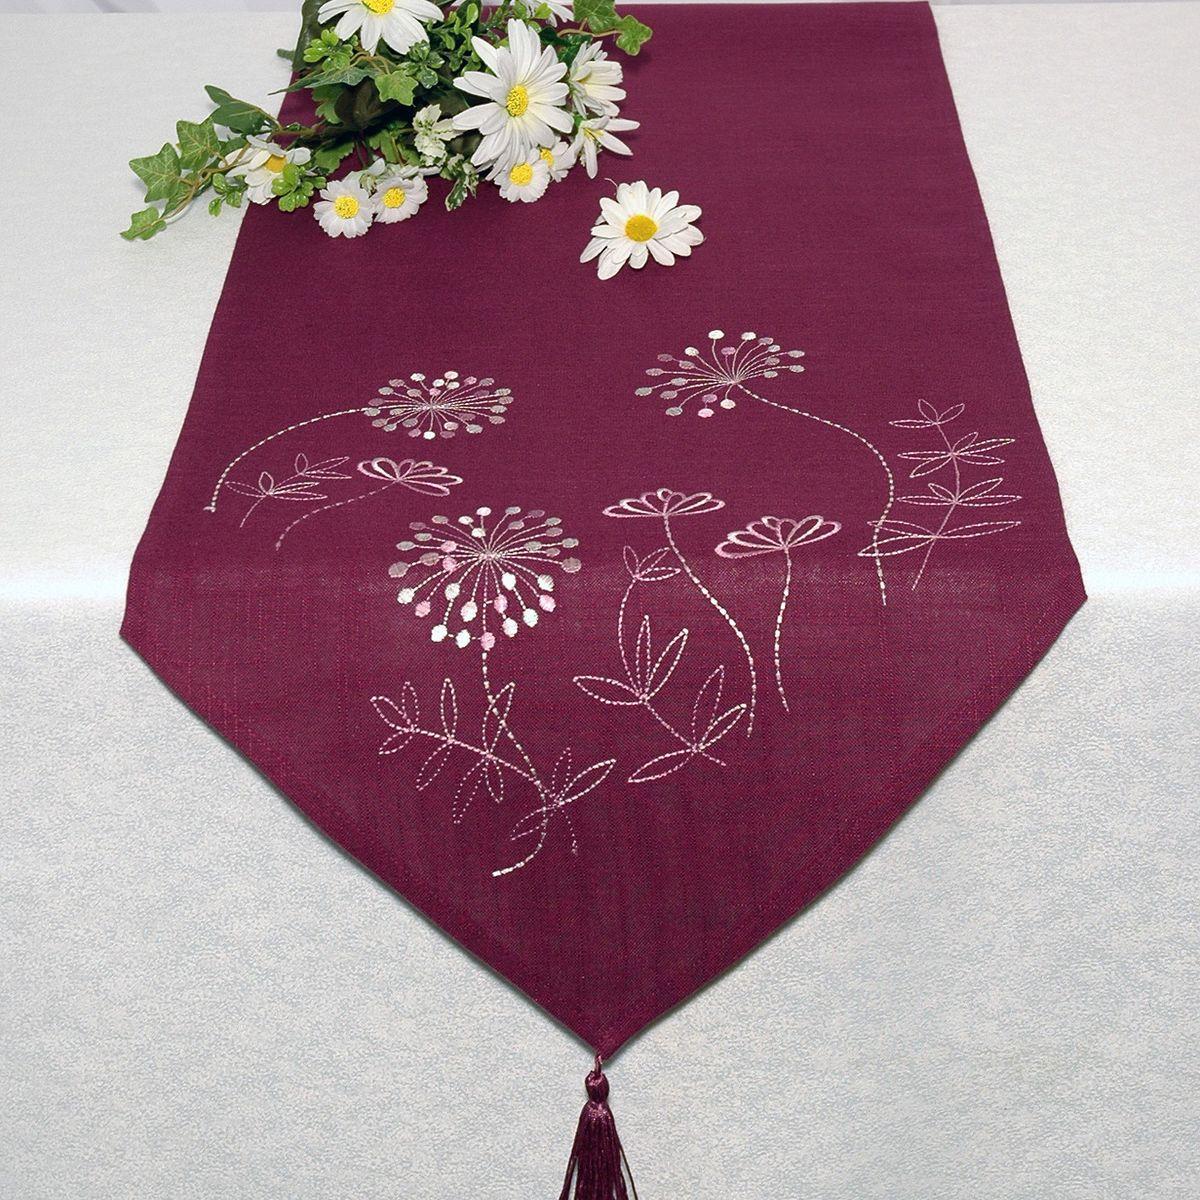 Дорожка для декорирования стола Schaefer , 40 х 140 см, цвет: бордовый. 06922-23206922-232Дорожка для декорирования стола Schaefer может быть использована, как основной элемент, так и дополнение для создания уюта и романтического настроения.Дорожка выполнена из полиэстера. Изделие легко стирать: оно не мнется, не садится и быстро сохнет, более долговечно, чем изделие из натуральных волокон.Материал: 100% полиэстер.Размер: 40 х 140 см.